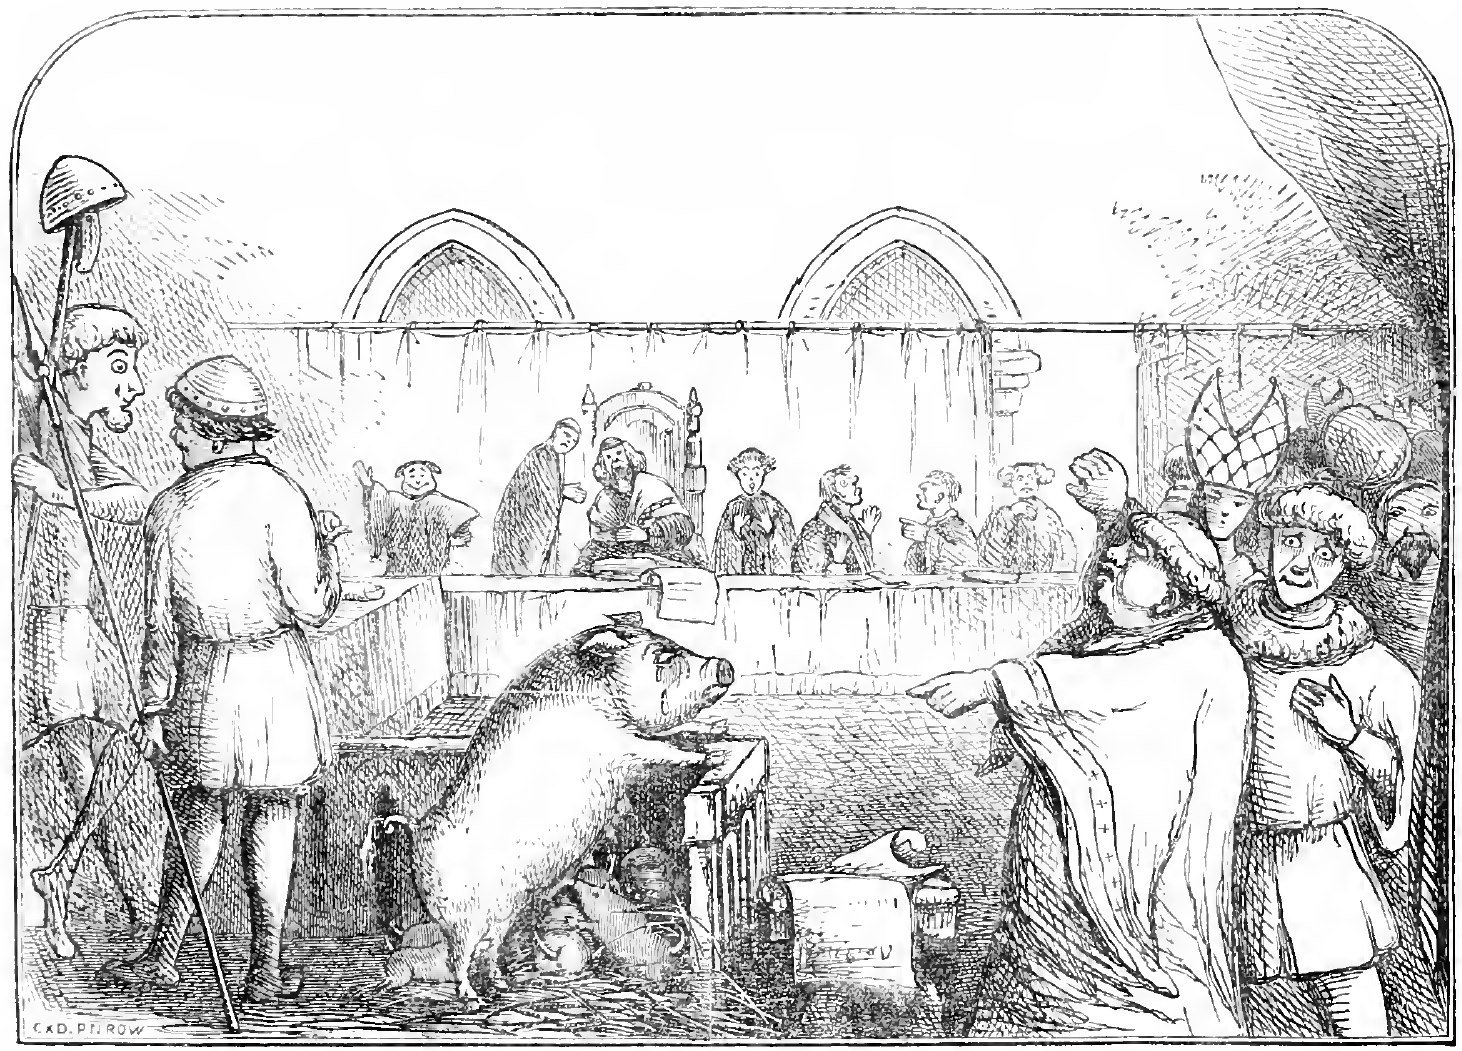 Testículos de porco eram usados para 'curar' infertilidade na Idade Média (Foto: Wikimedia Commons/ The book of days: a miscellany of popular antiquities)